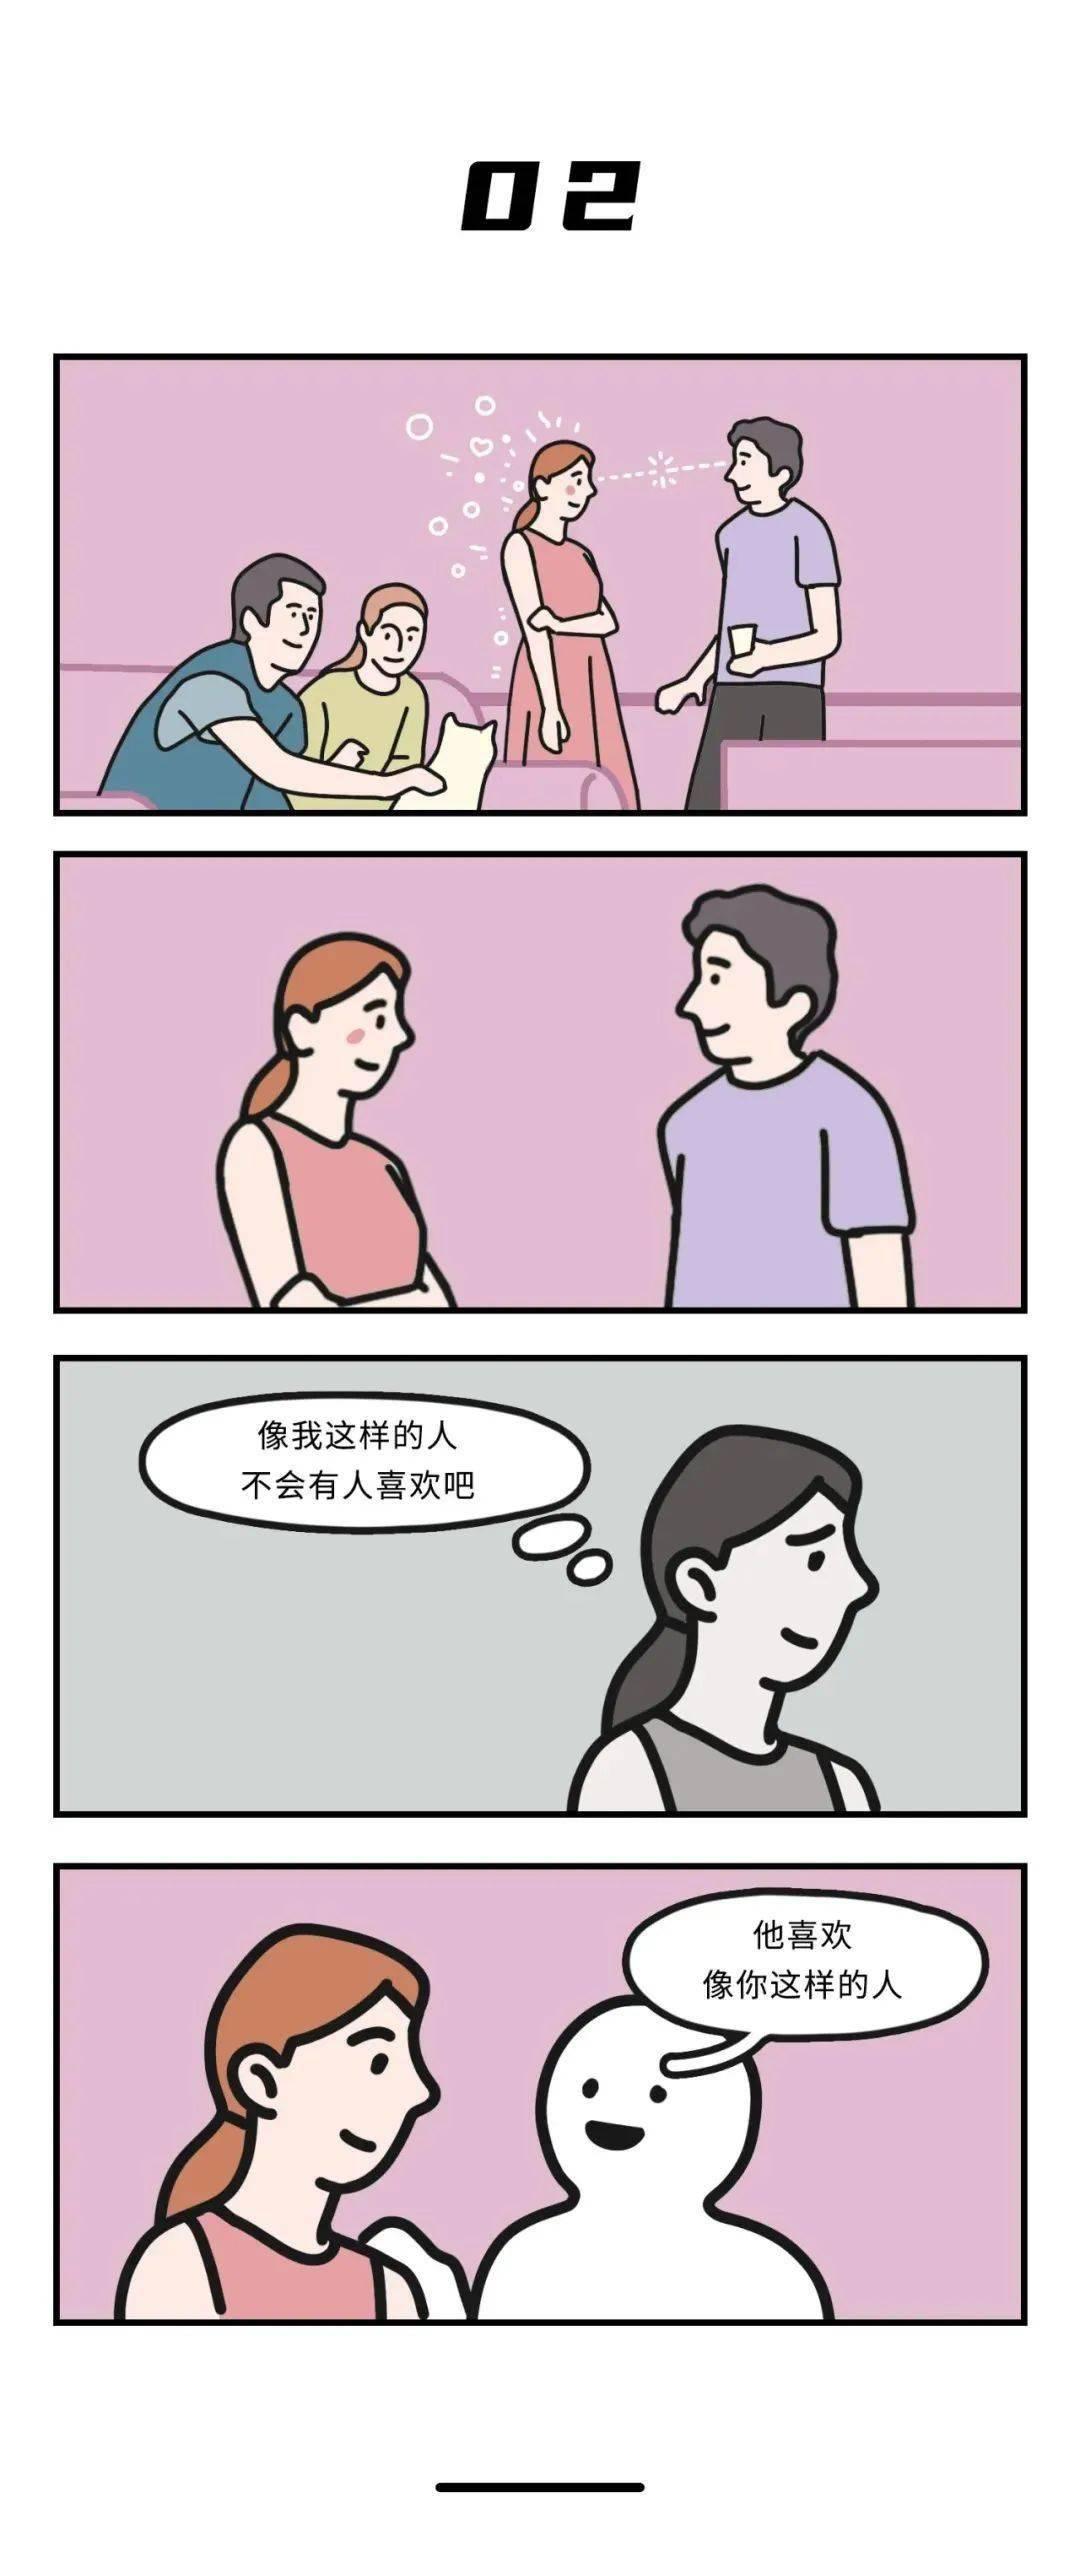 不敢谈恋爱的心理原因 测试你的自卑程度